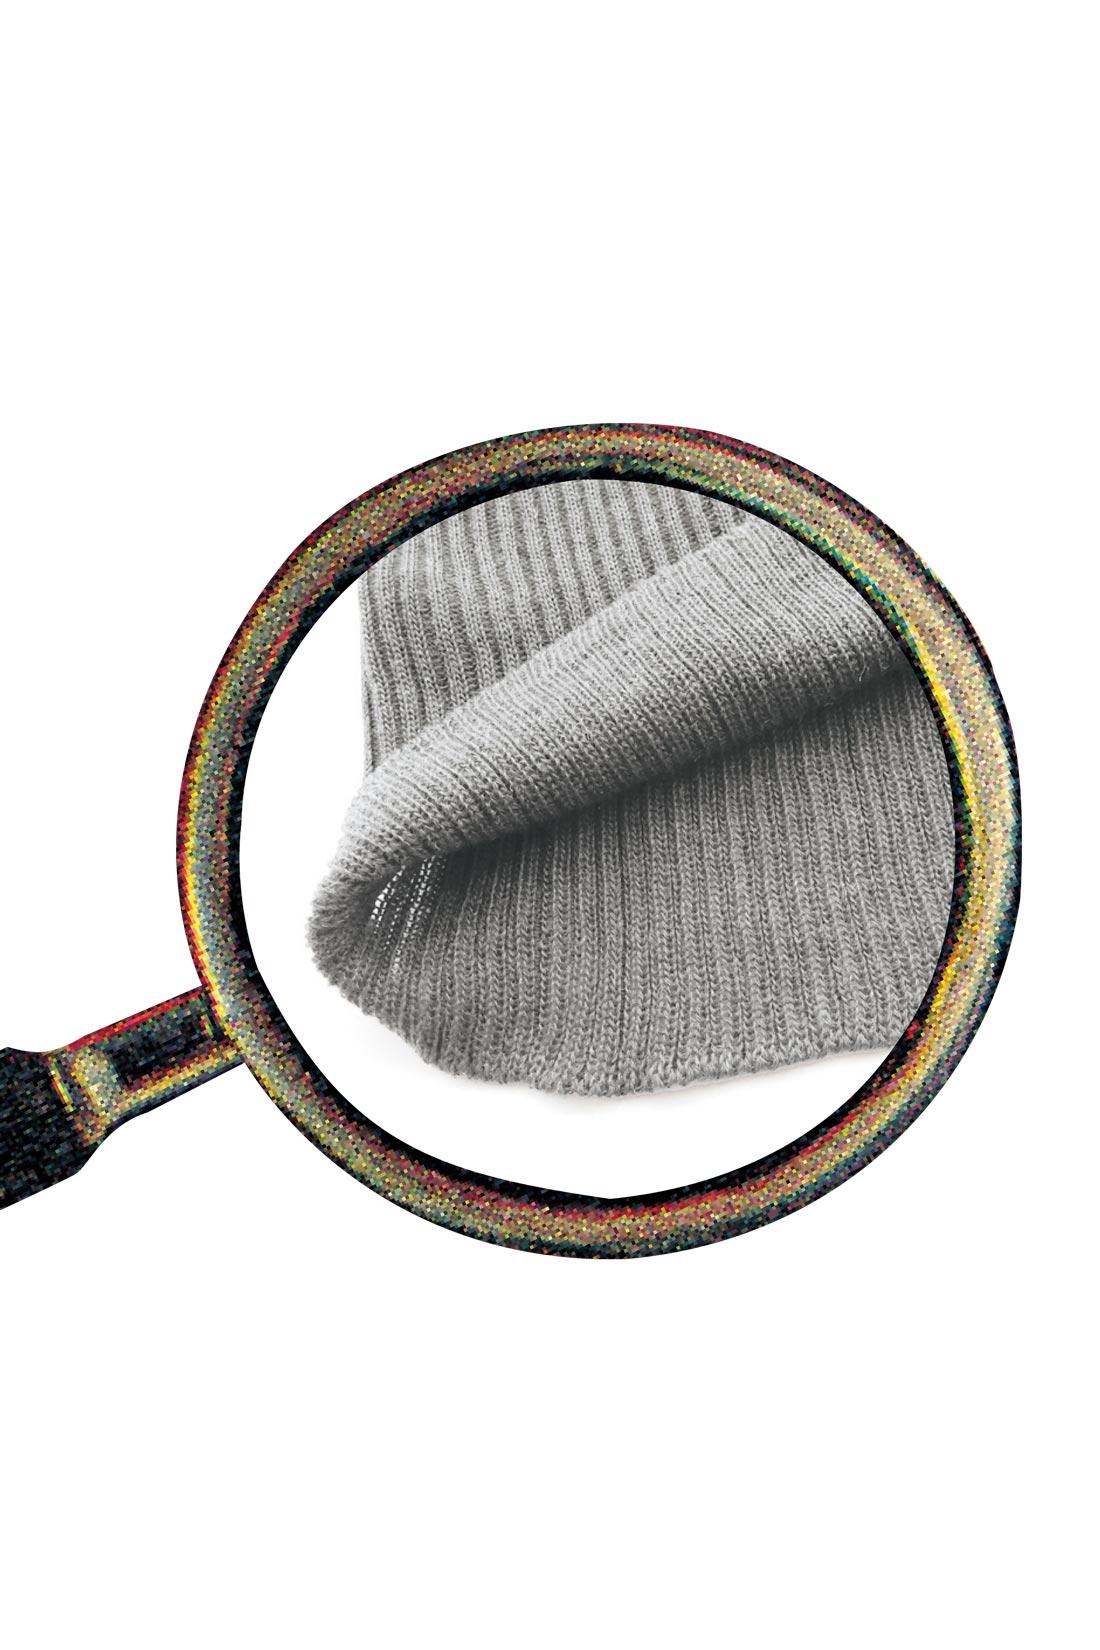 ホールガーメント(R)だから内側に縫い目がなく肌あたり〇。